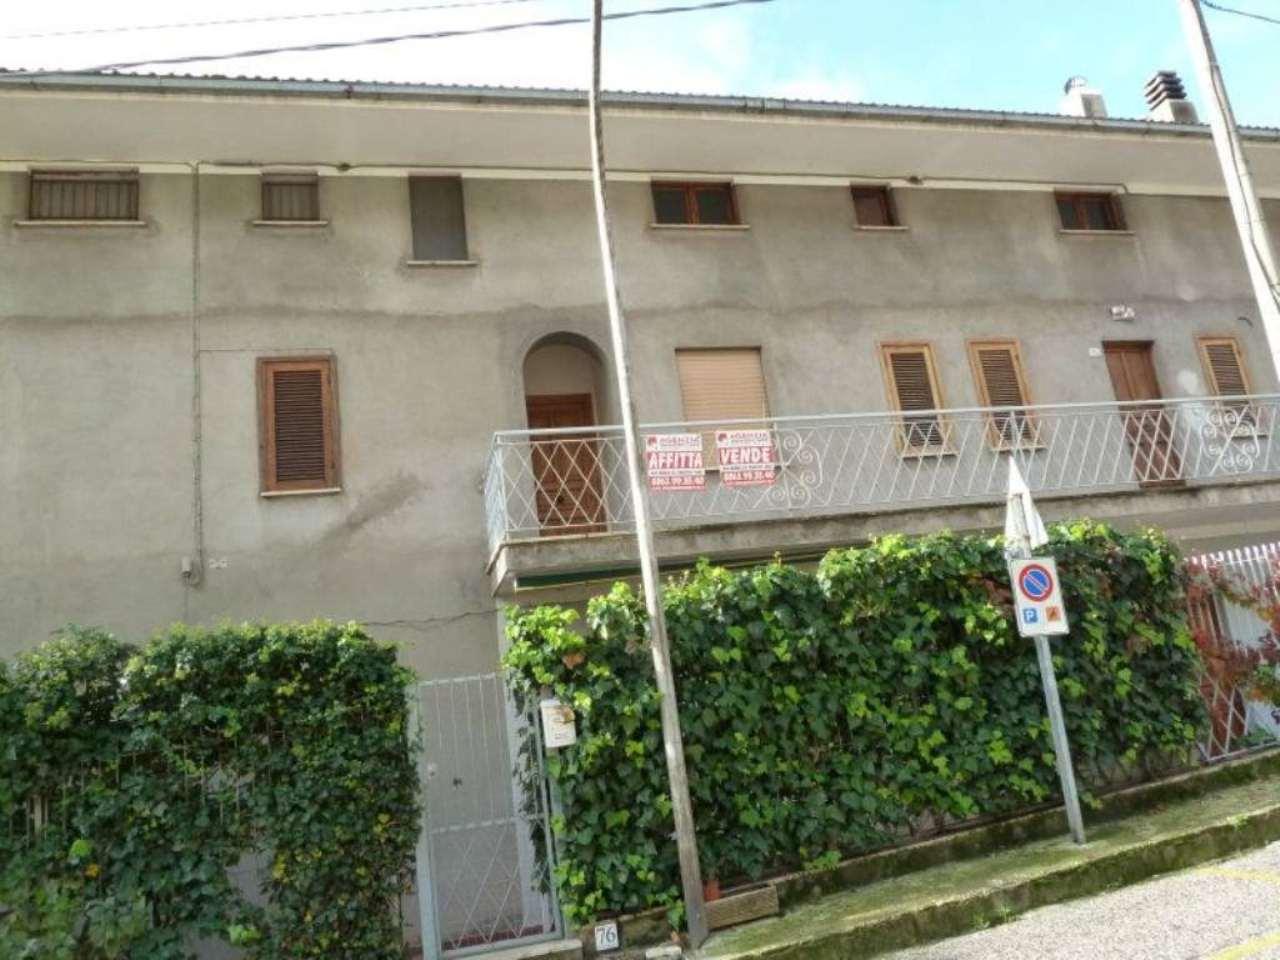 Appartamento in vendita a Pereto, 3 locali, prezzo € 35.000 | Cambio Casa.it